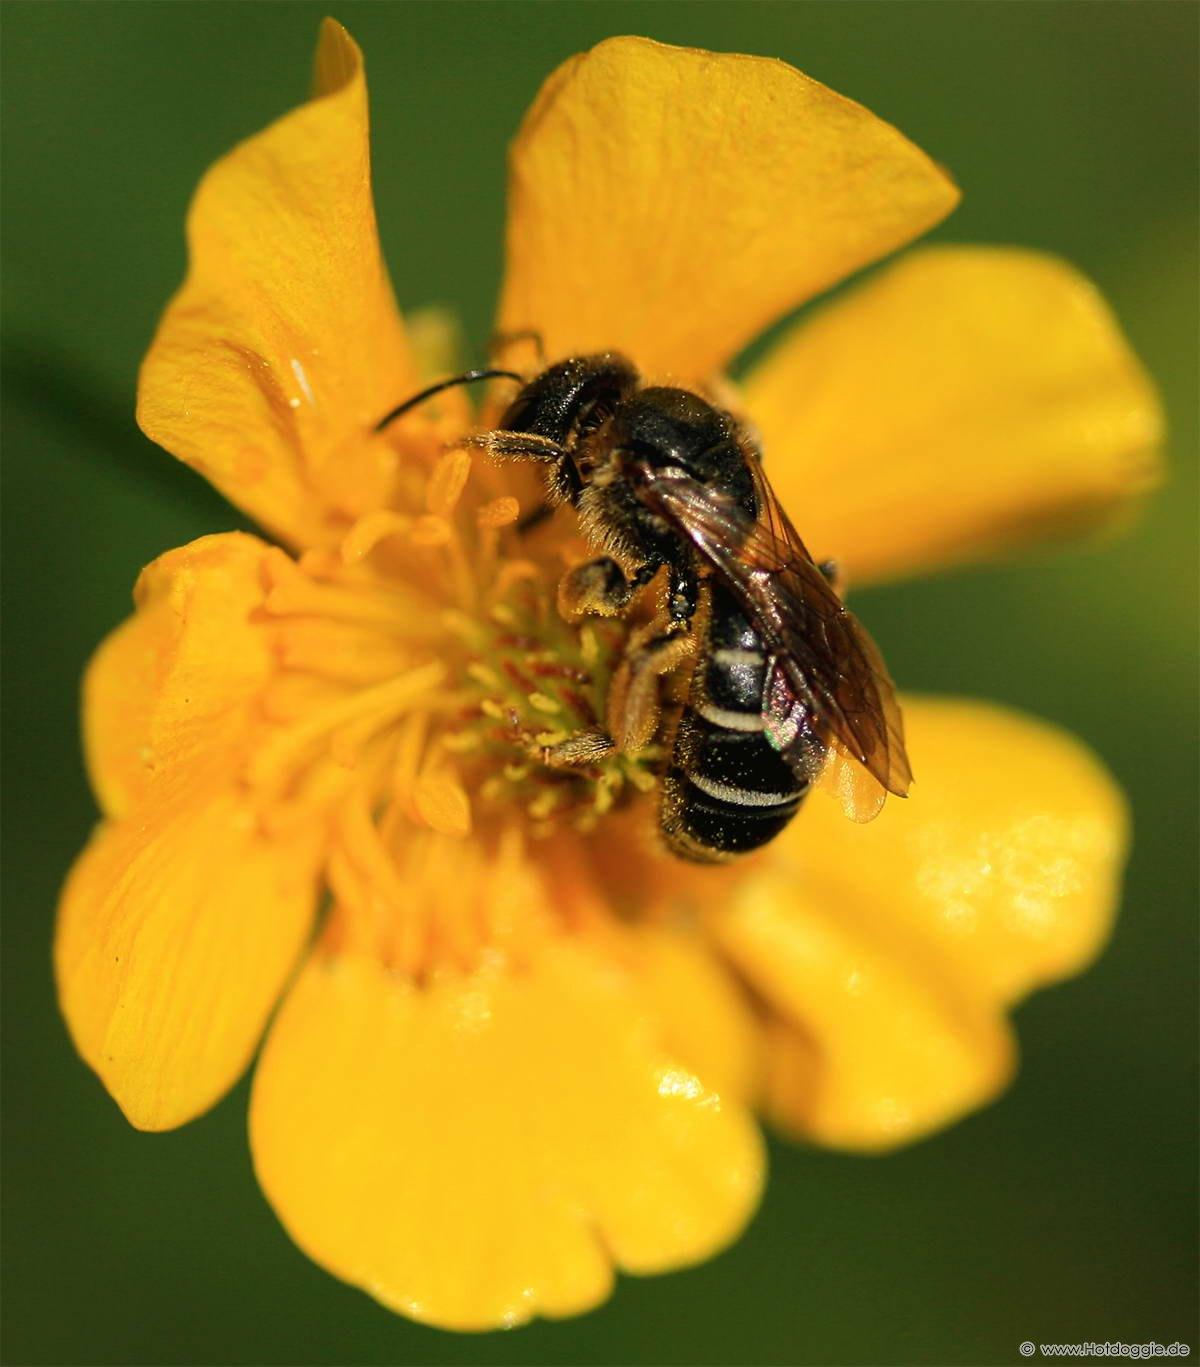 Aranyszőrű méhecske